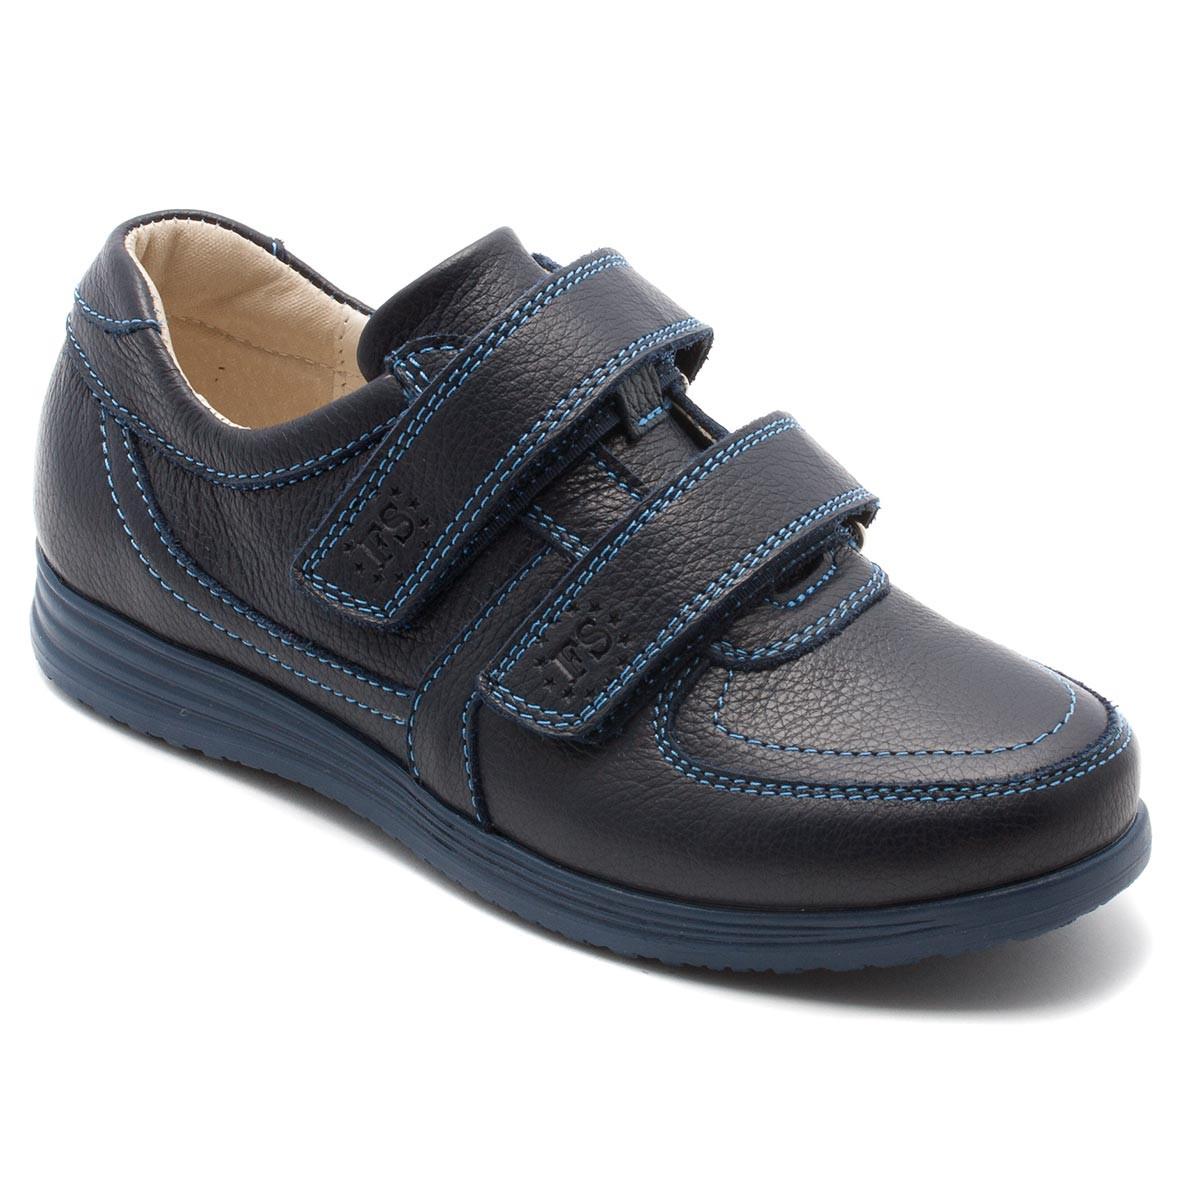 Синие туфли FS Сollection для школы, размер 31-39